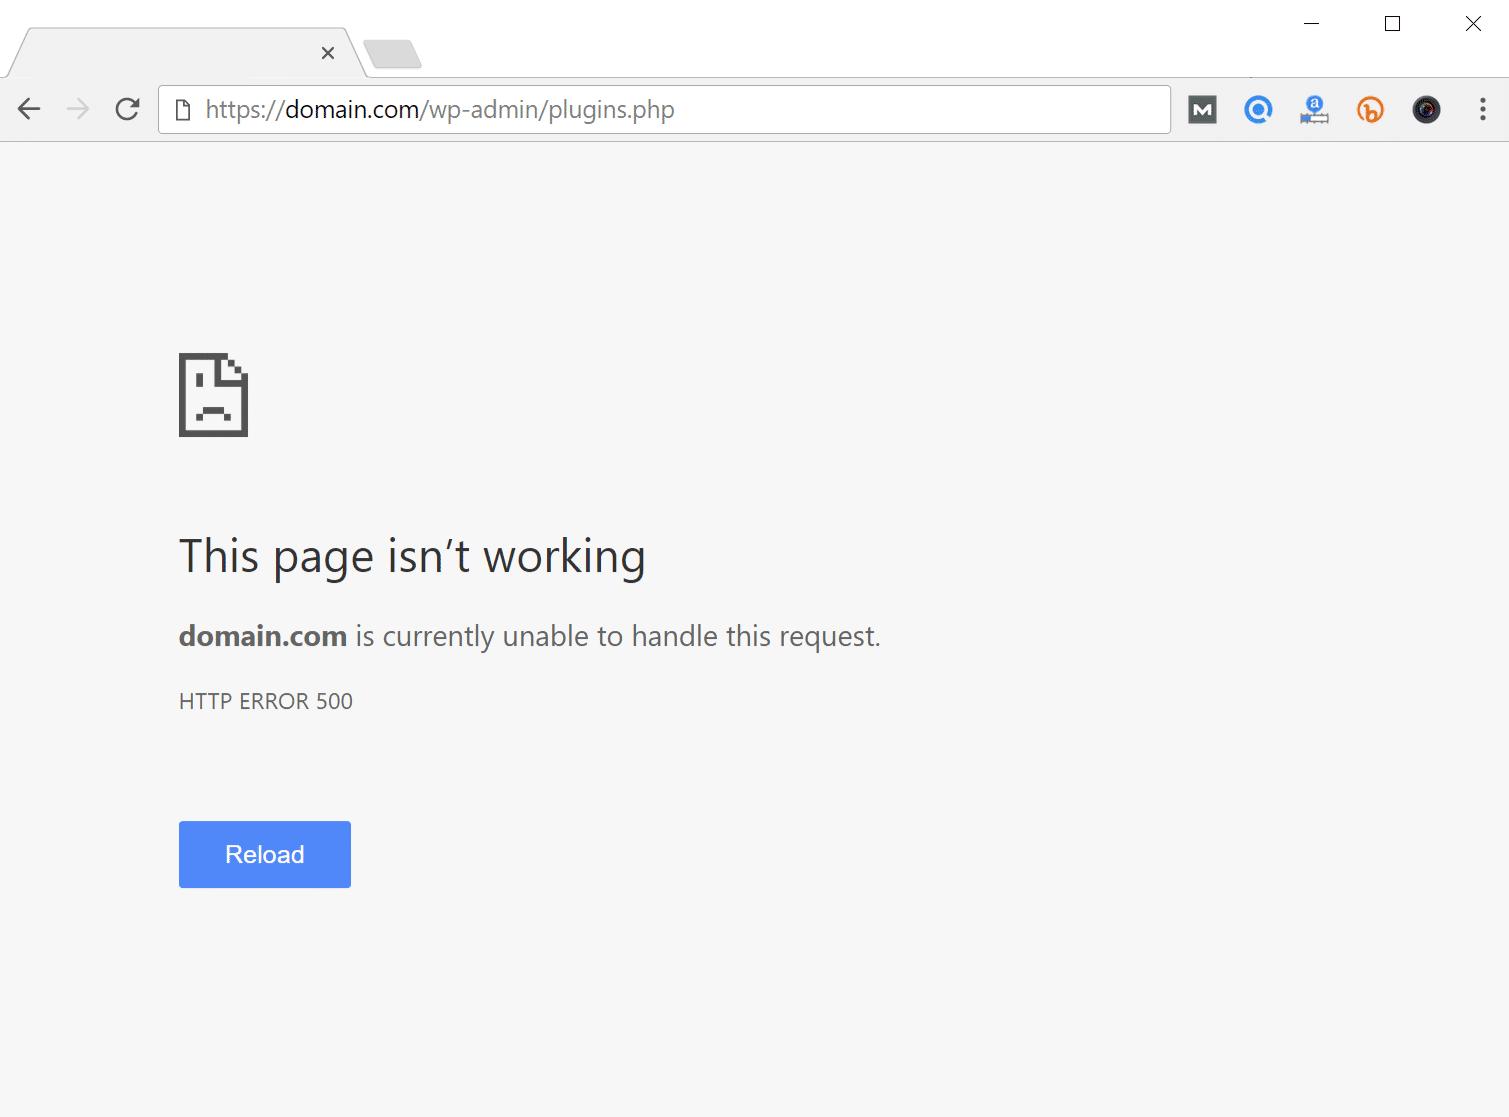 Erro interno do servidor 500 no WordPress